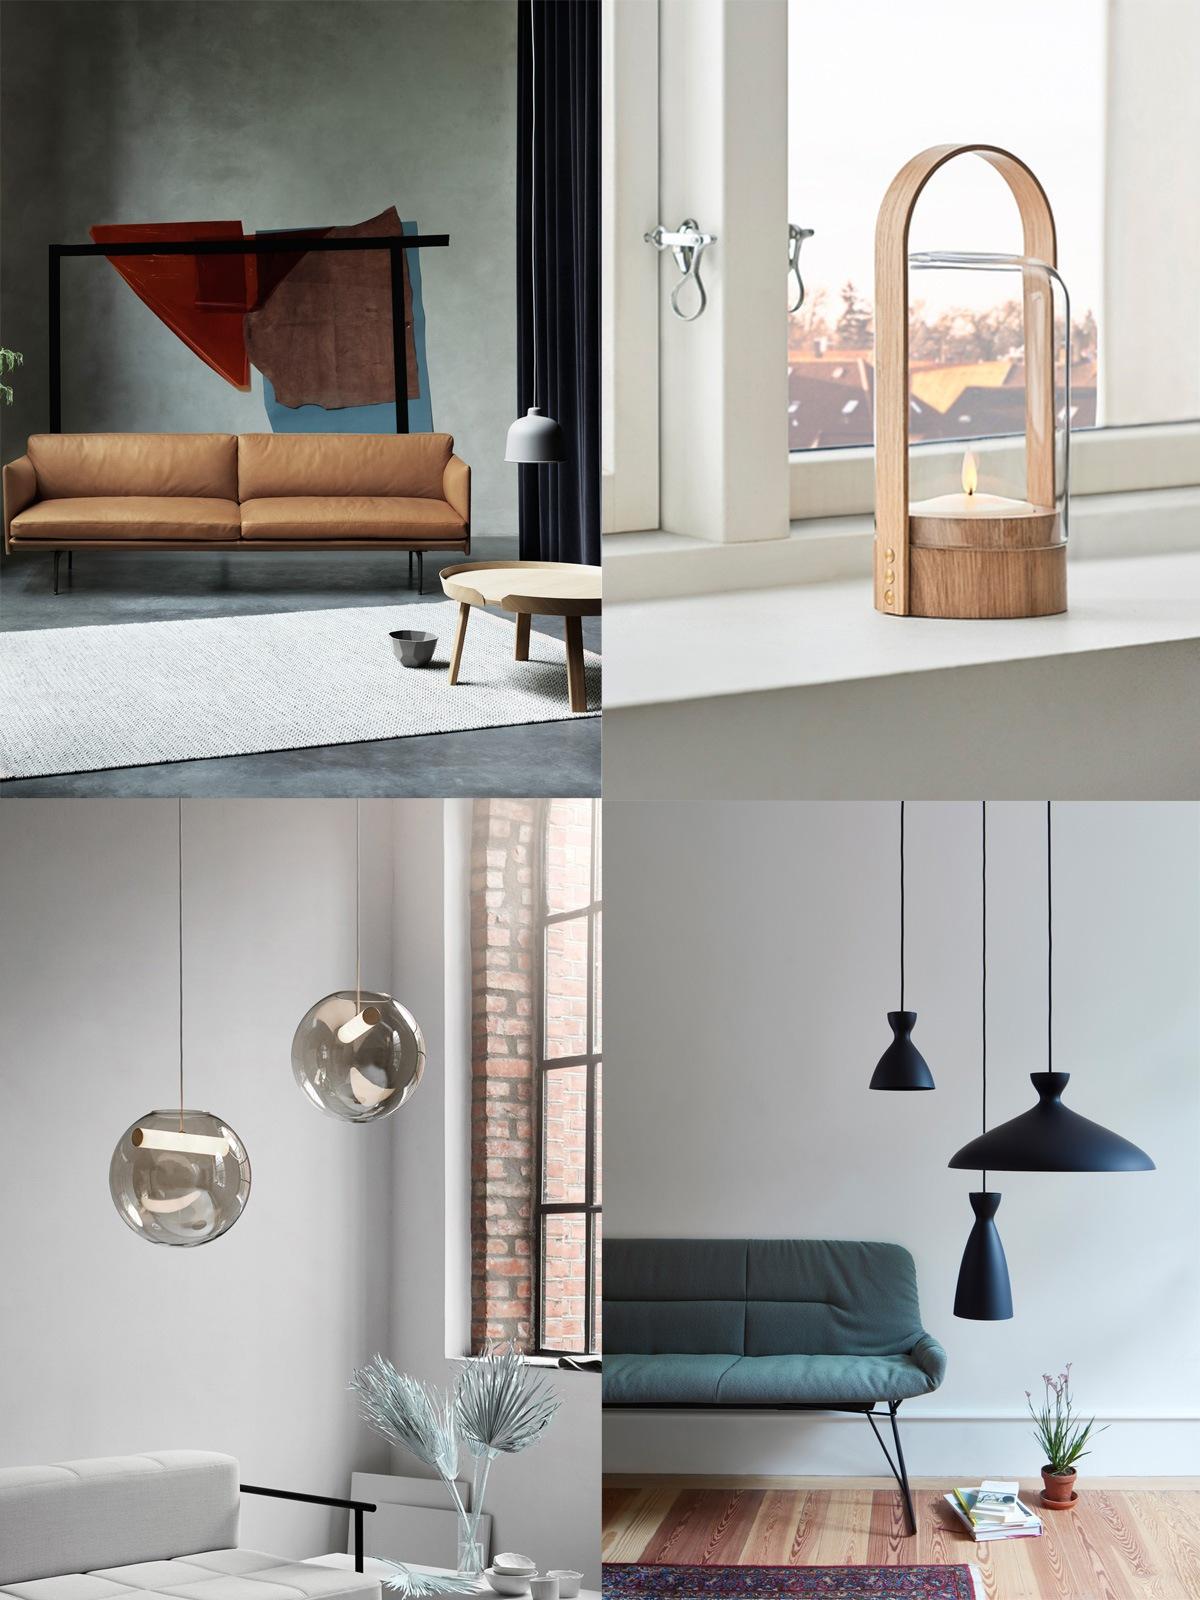 DesignOrt Blog: Best of Lampen Trends